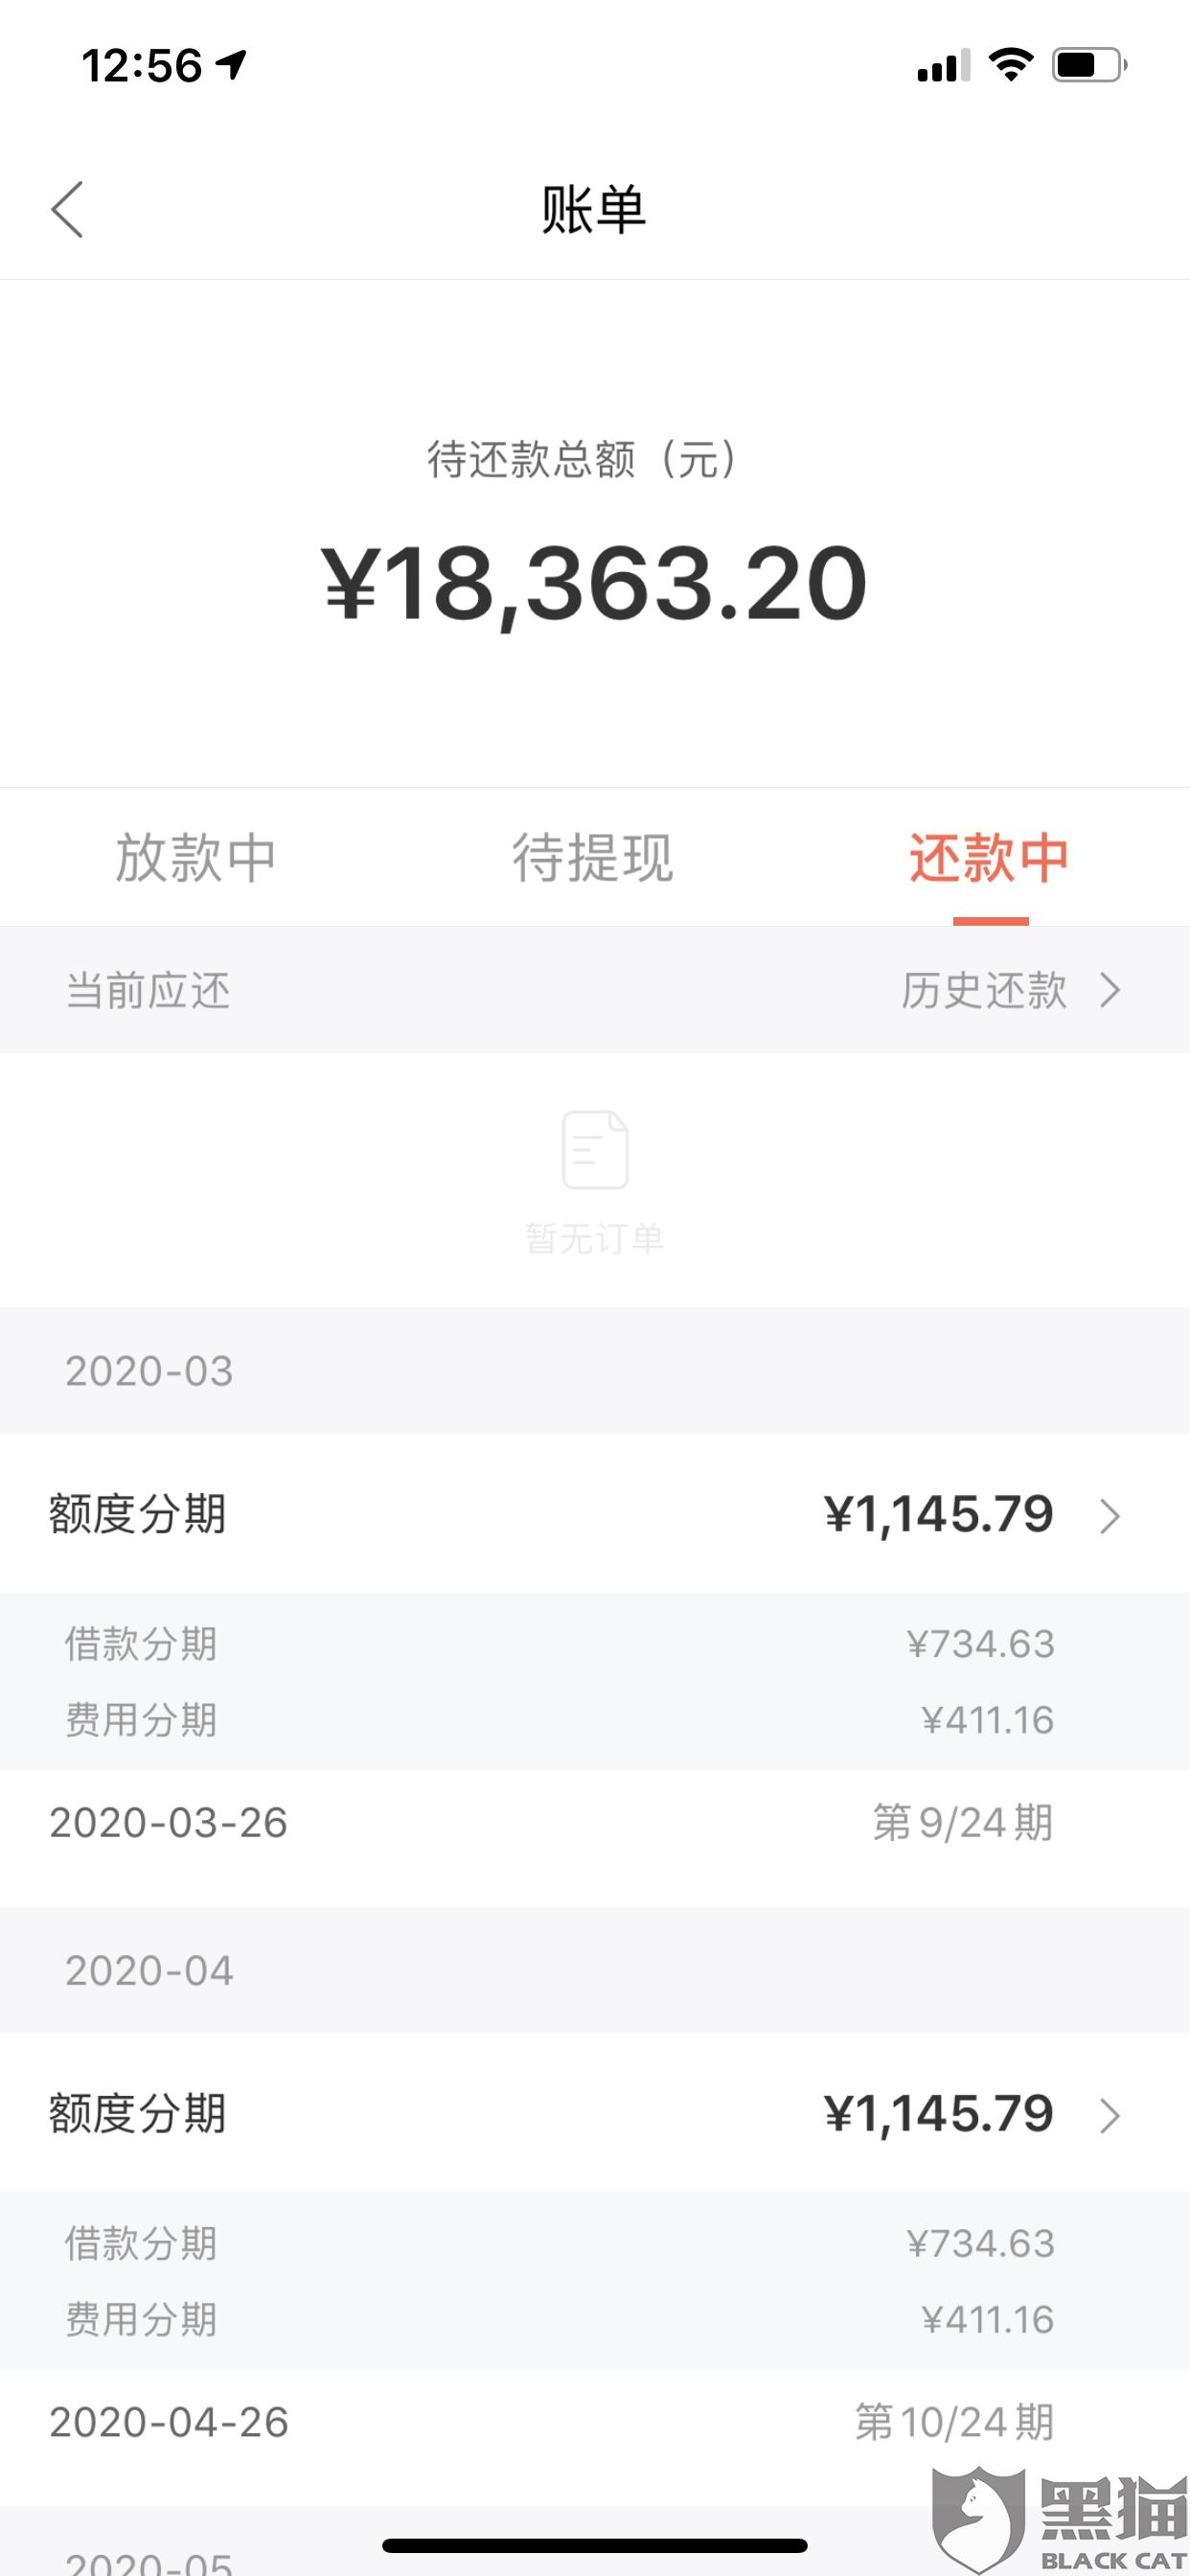 黑猫投诉:我在玖富万卡借了16000元分了24期每期要还1145.79元合同里金8千多